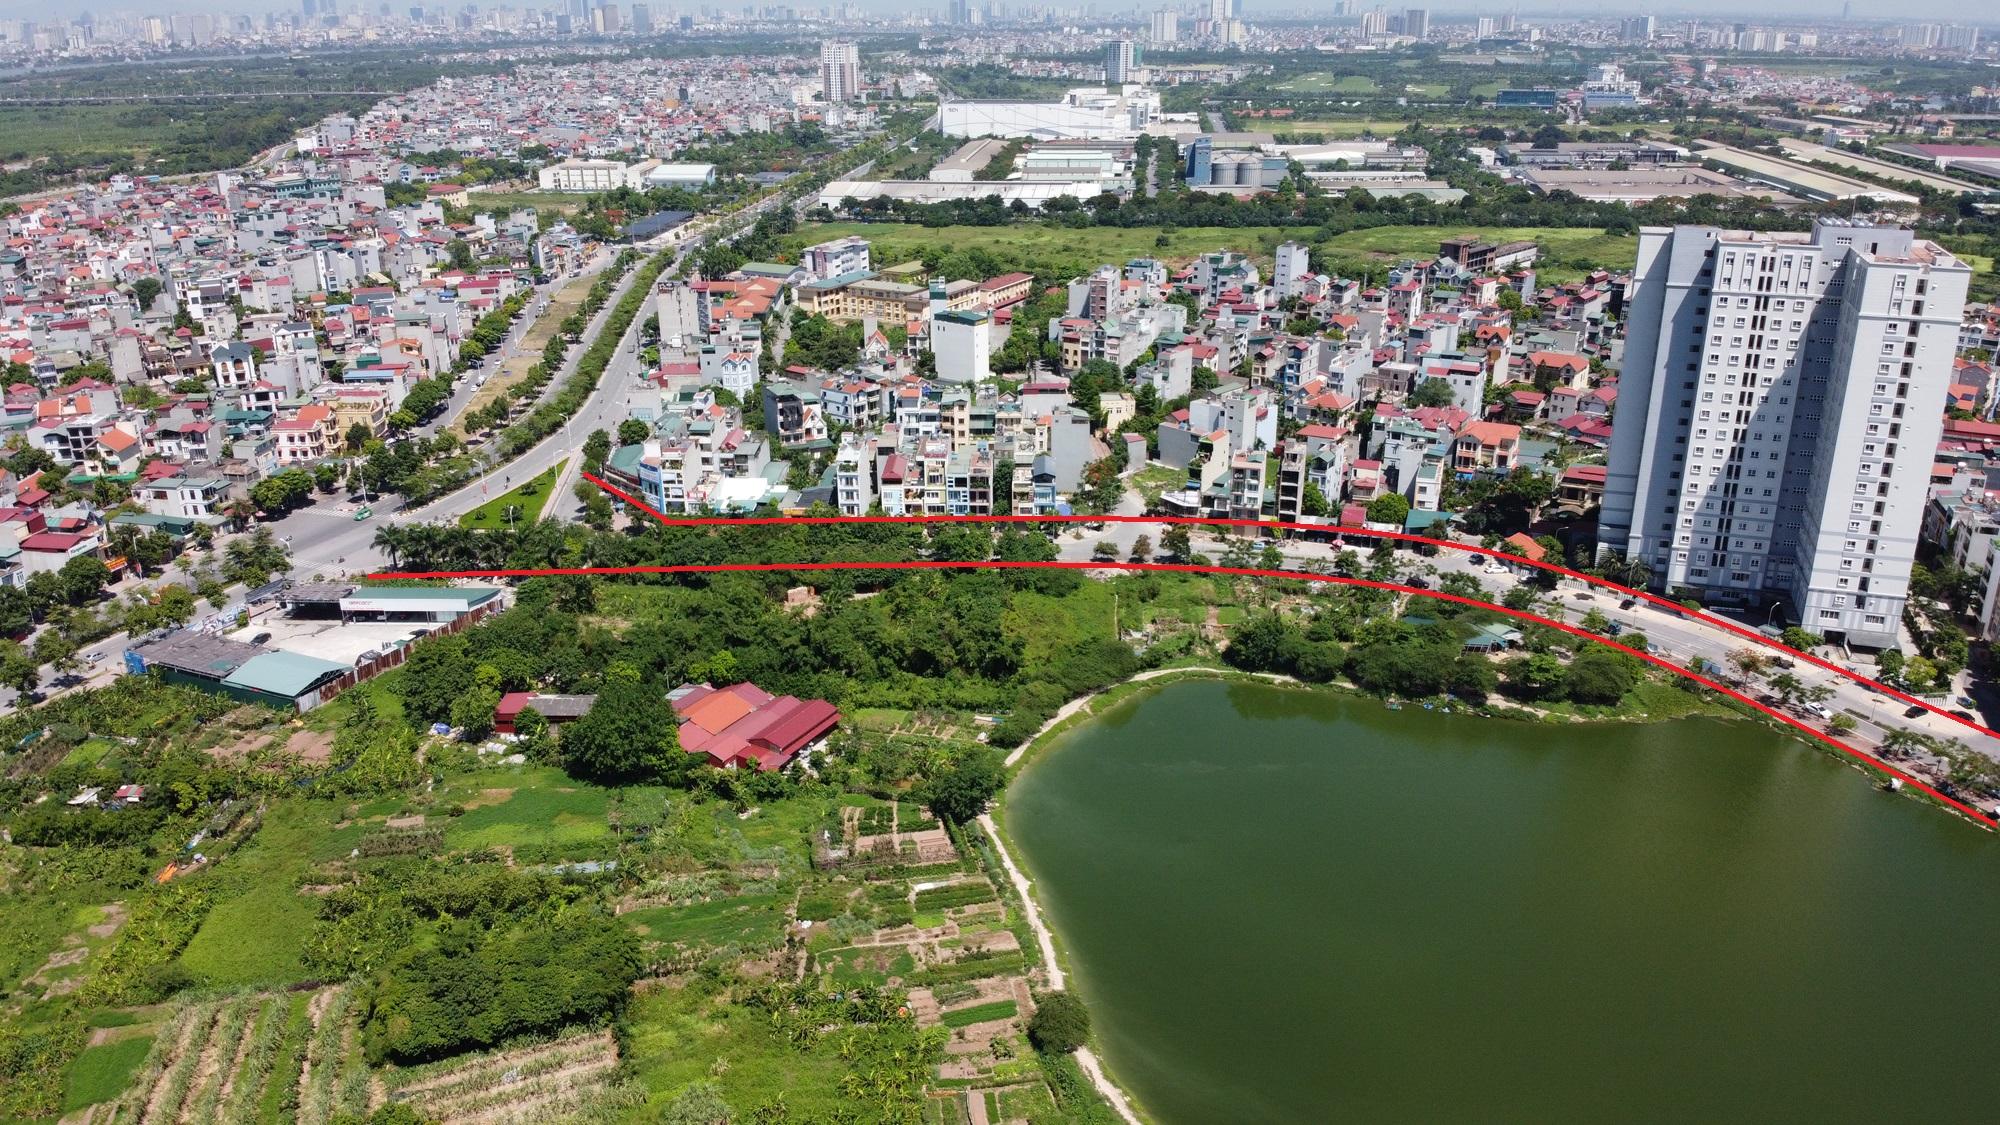 đường sẽ mở theo qui hoạch ở phường Thạch Bàn, Long Biên, Hà Nội - Ảnh 3.